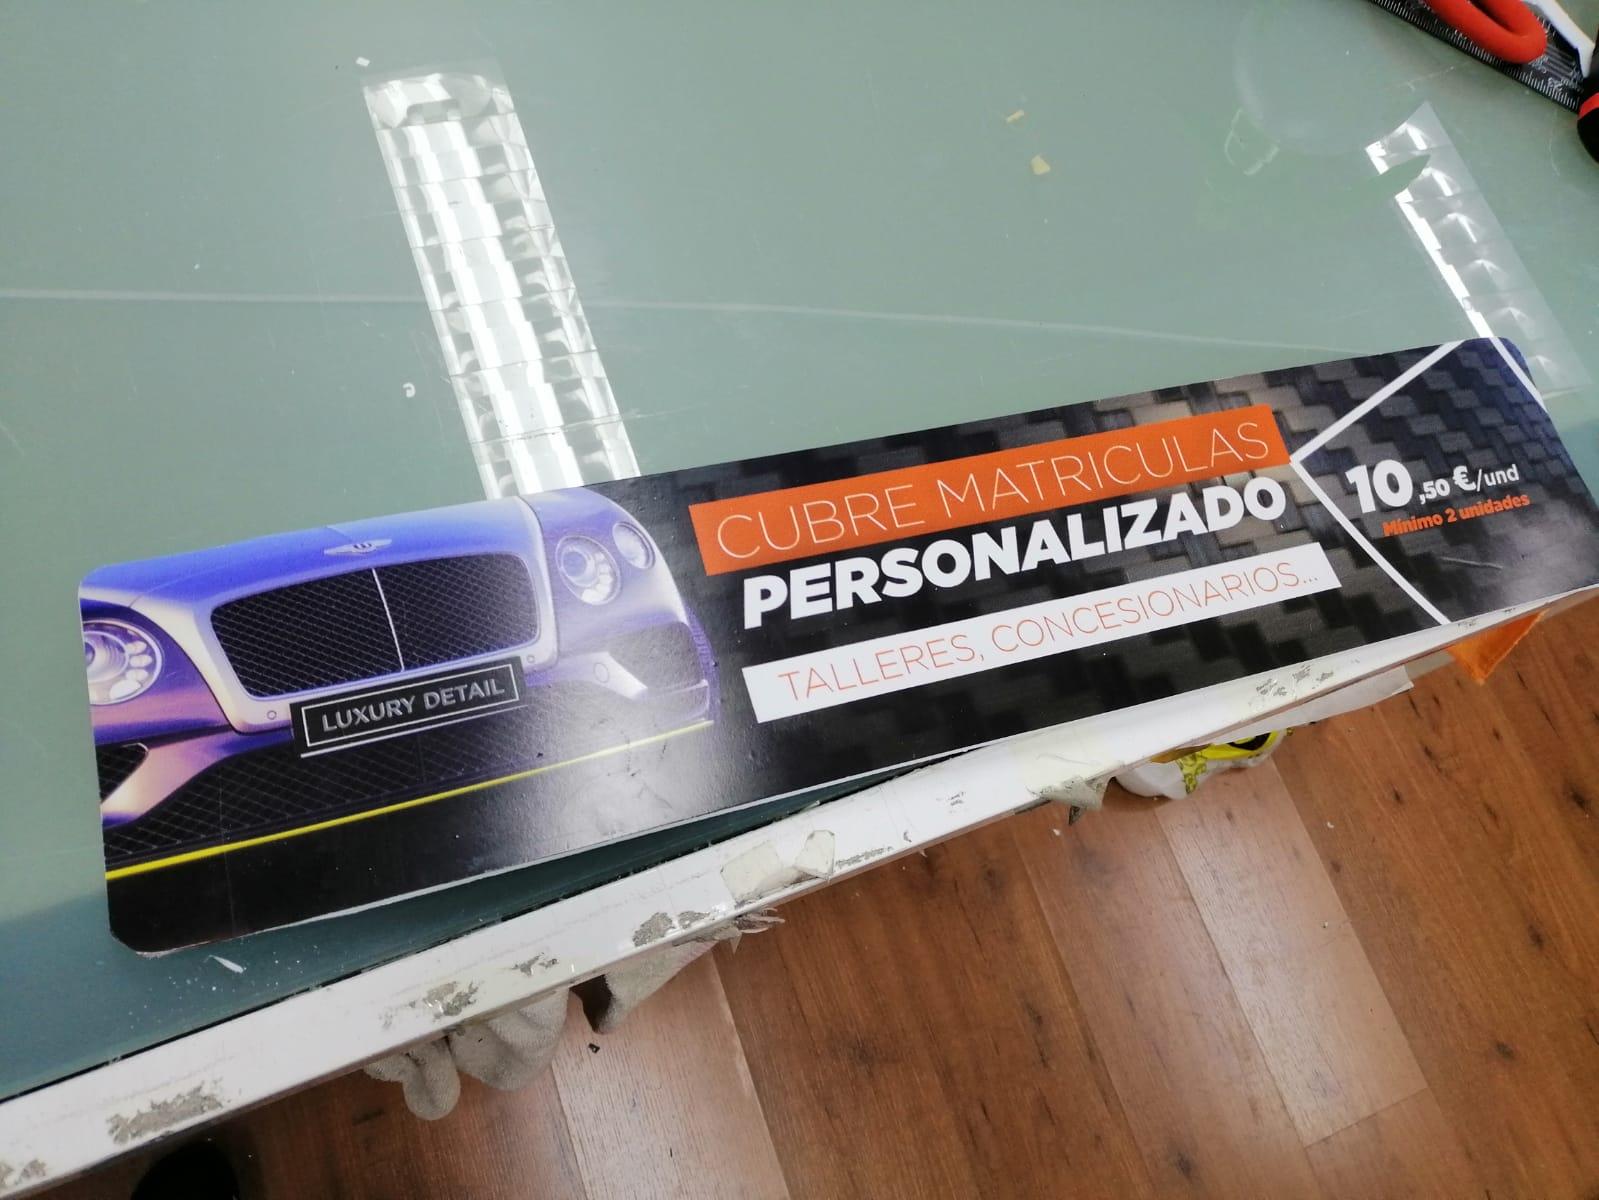 Nuevo producto personalizado, ¡CUBRE MATRÍCULAS!!